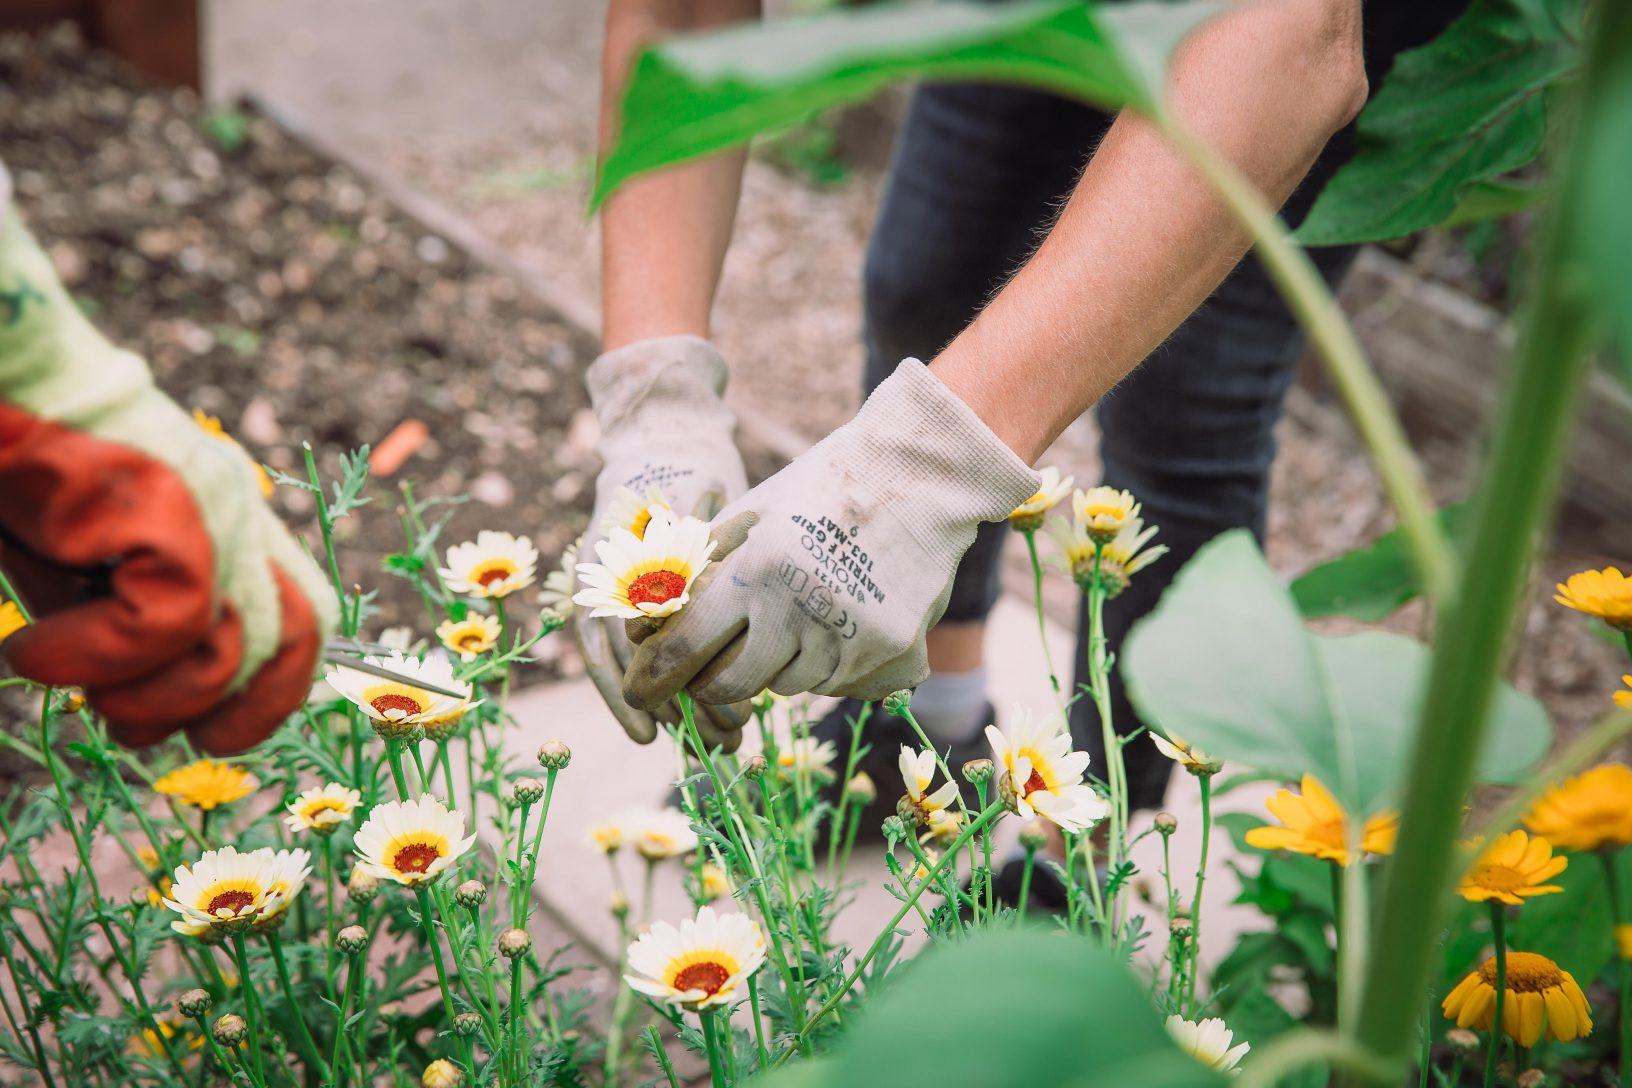 Tending flowers 1 of 1